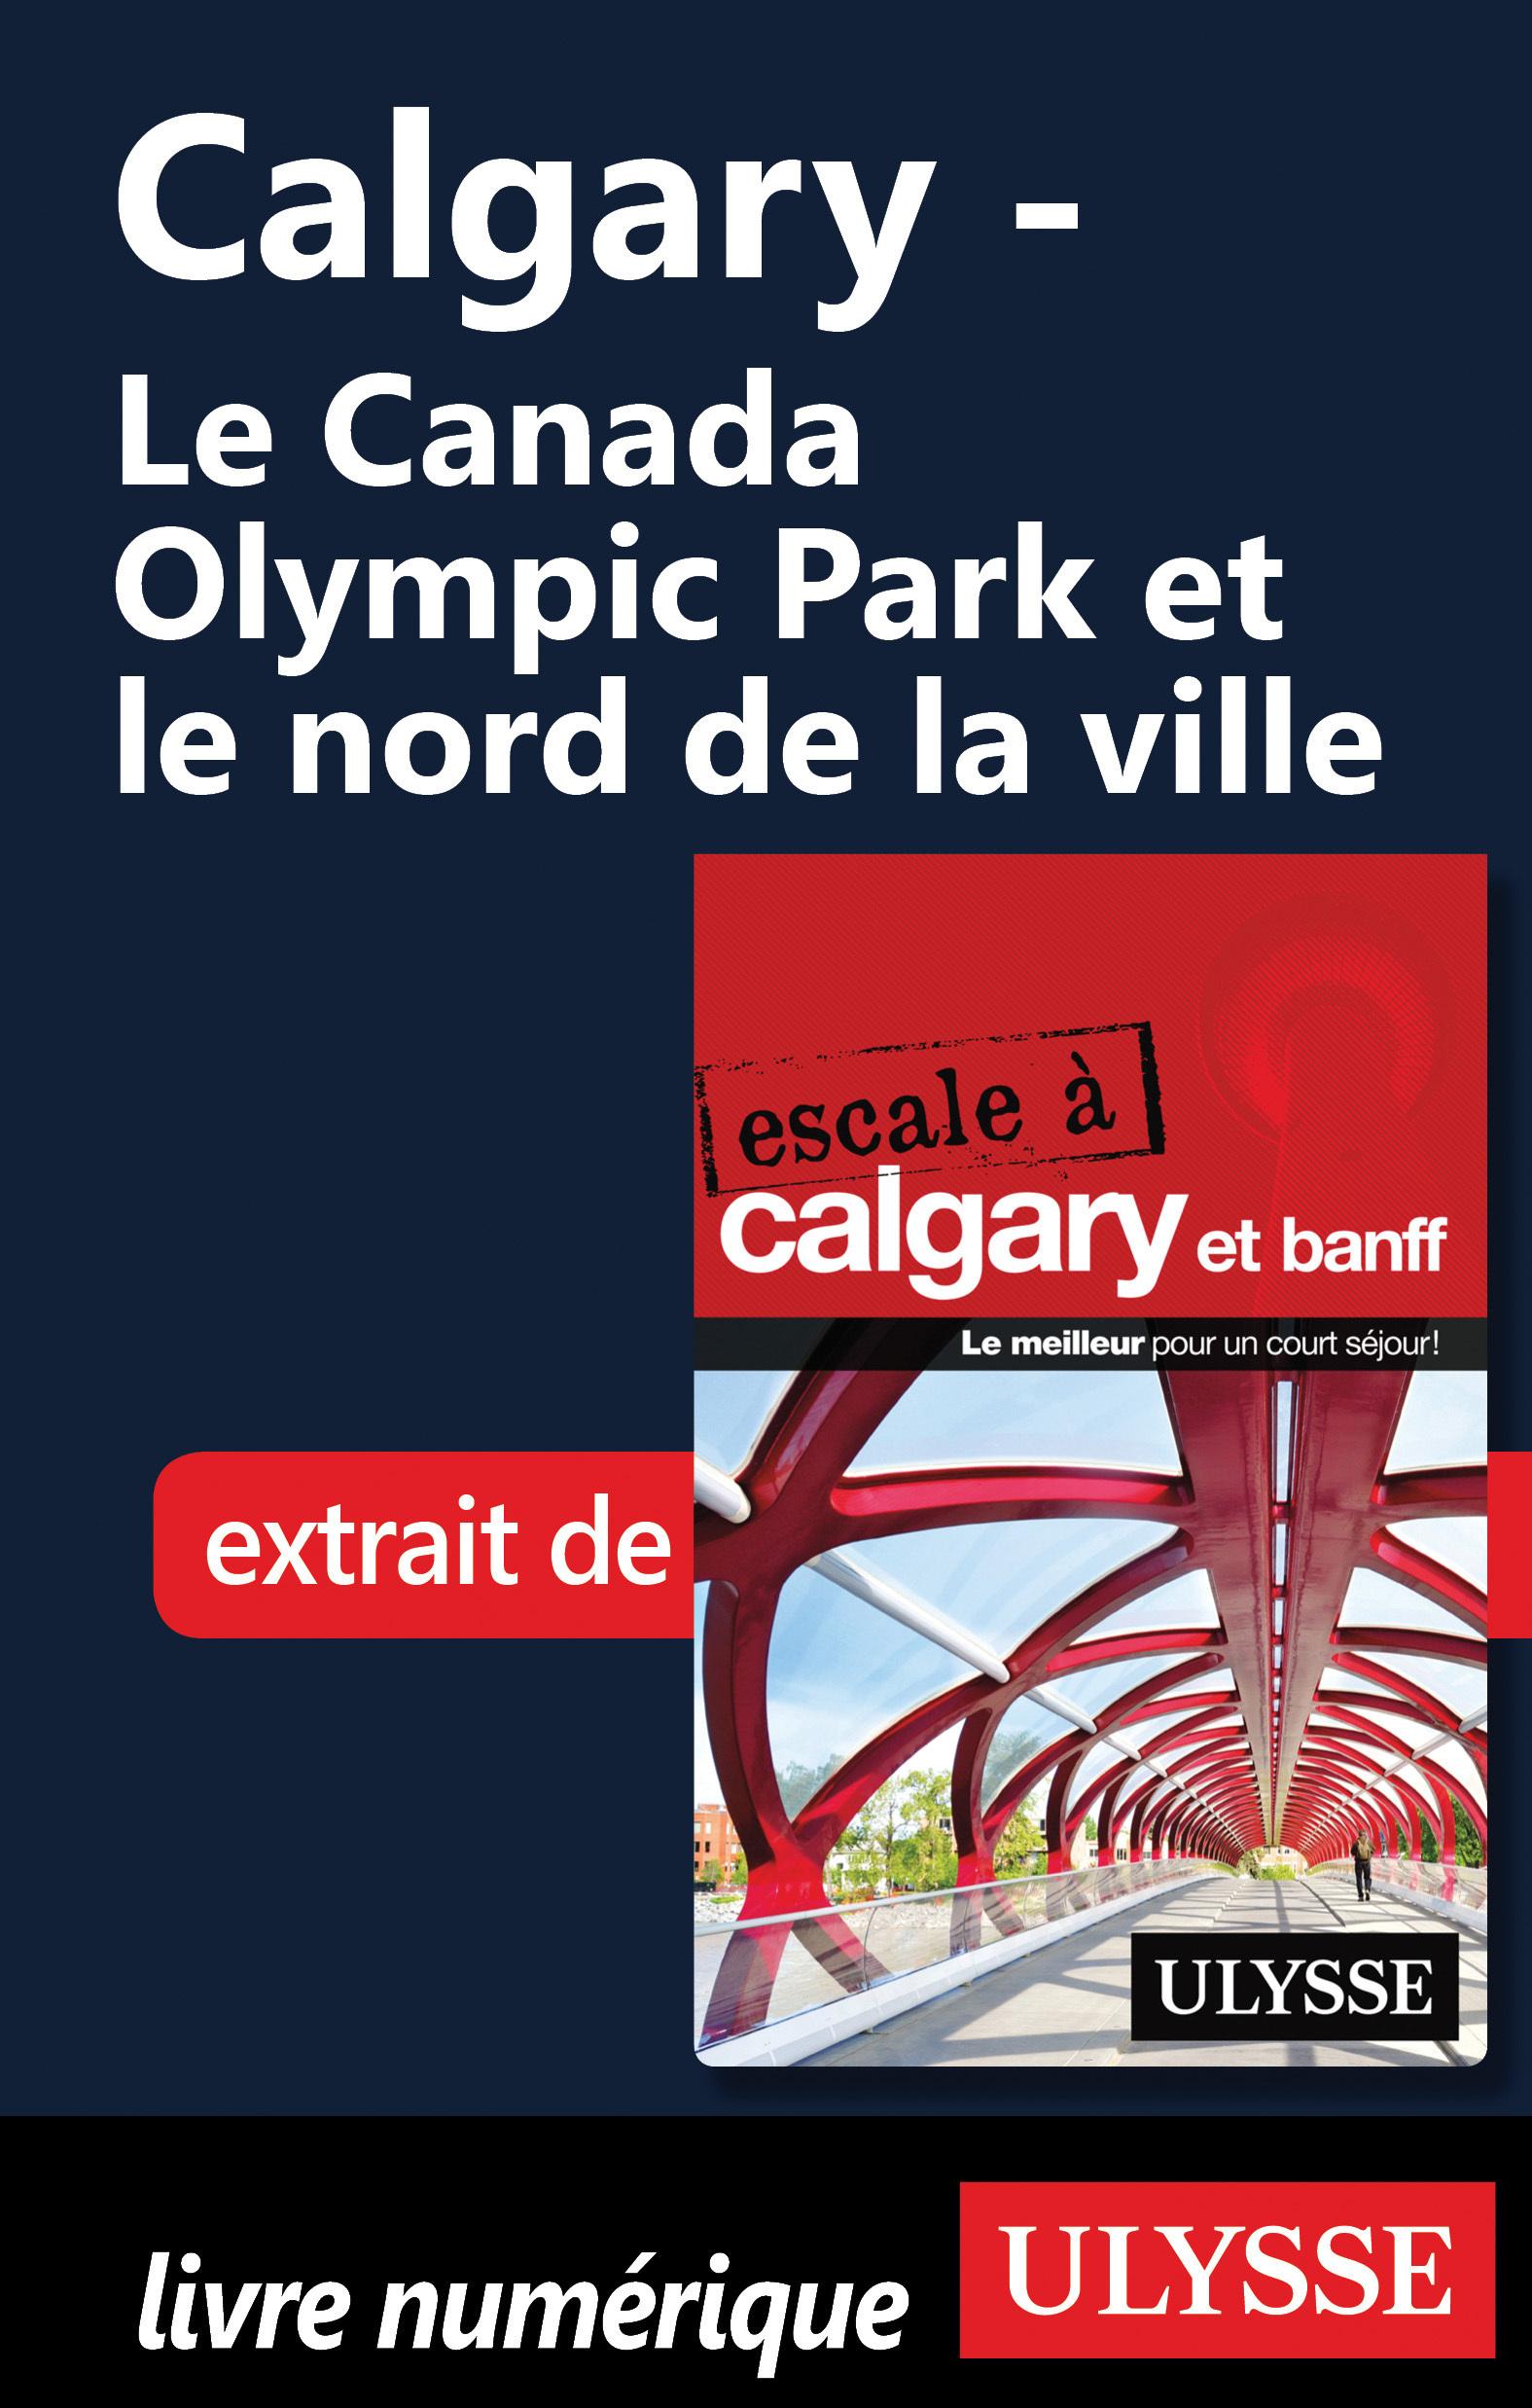 Calgary - Le Canada Olympic Park et le nord de la ville